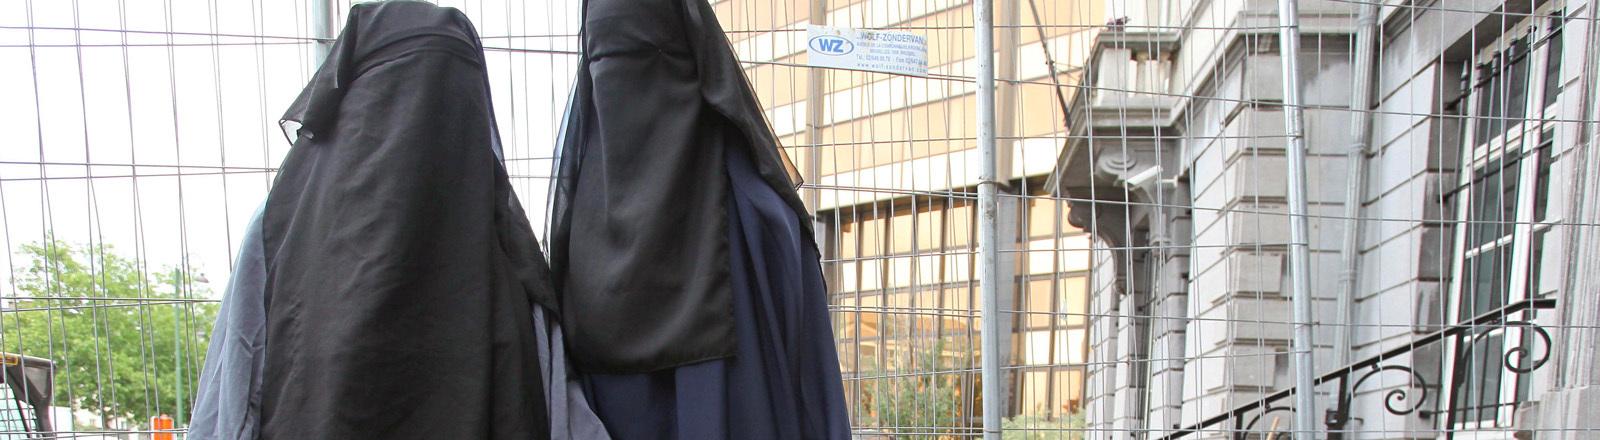 Burkaverbot tritt in den Niederlanden in Kraft